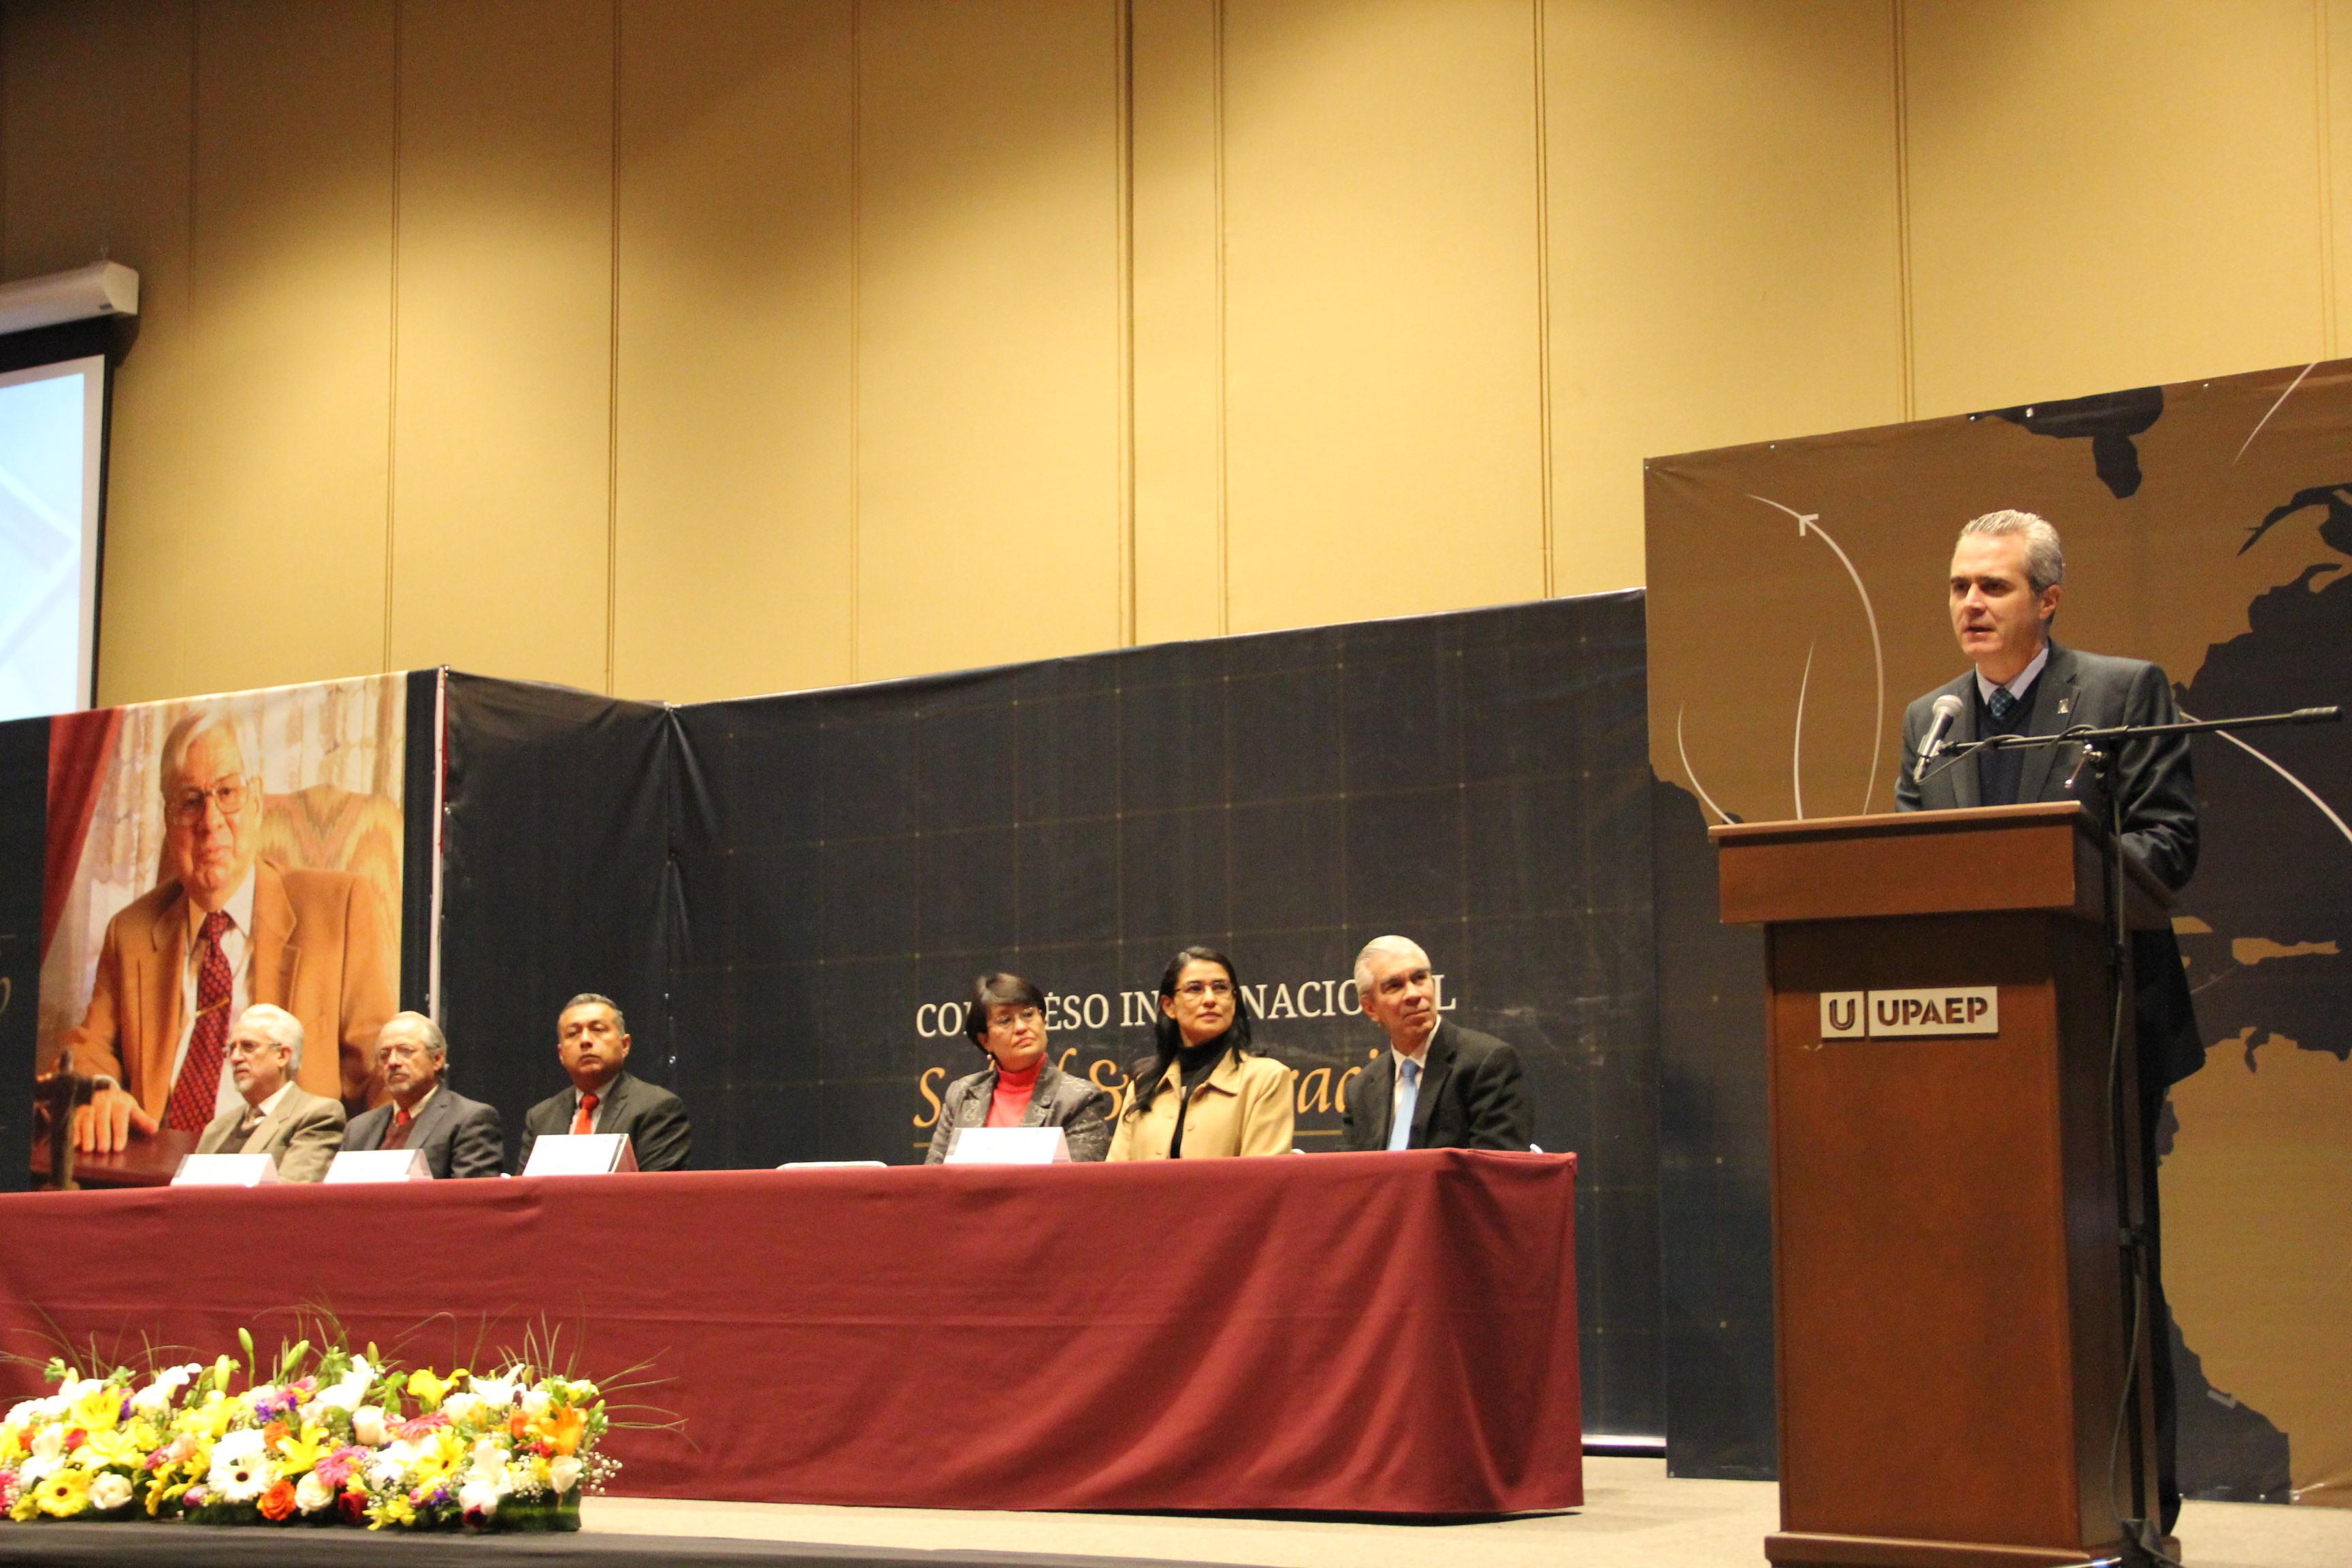 Arranca el IV Congreso Internacional Salud y Migración en la UPAEP